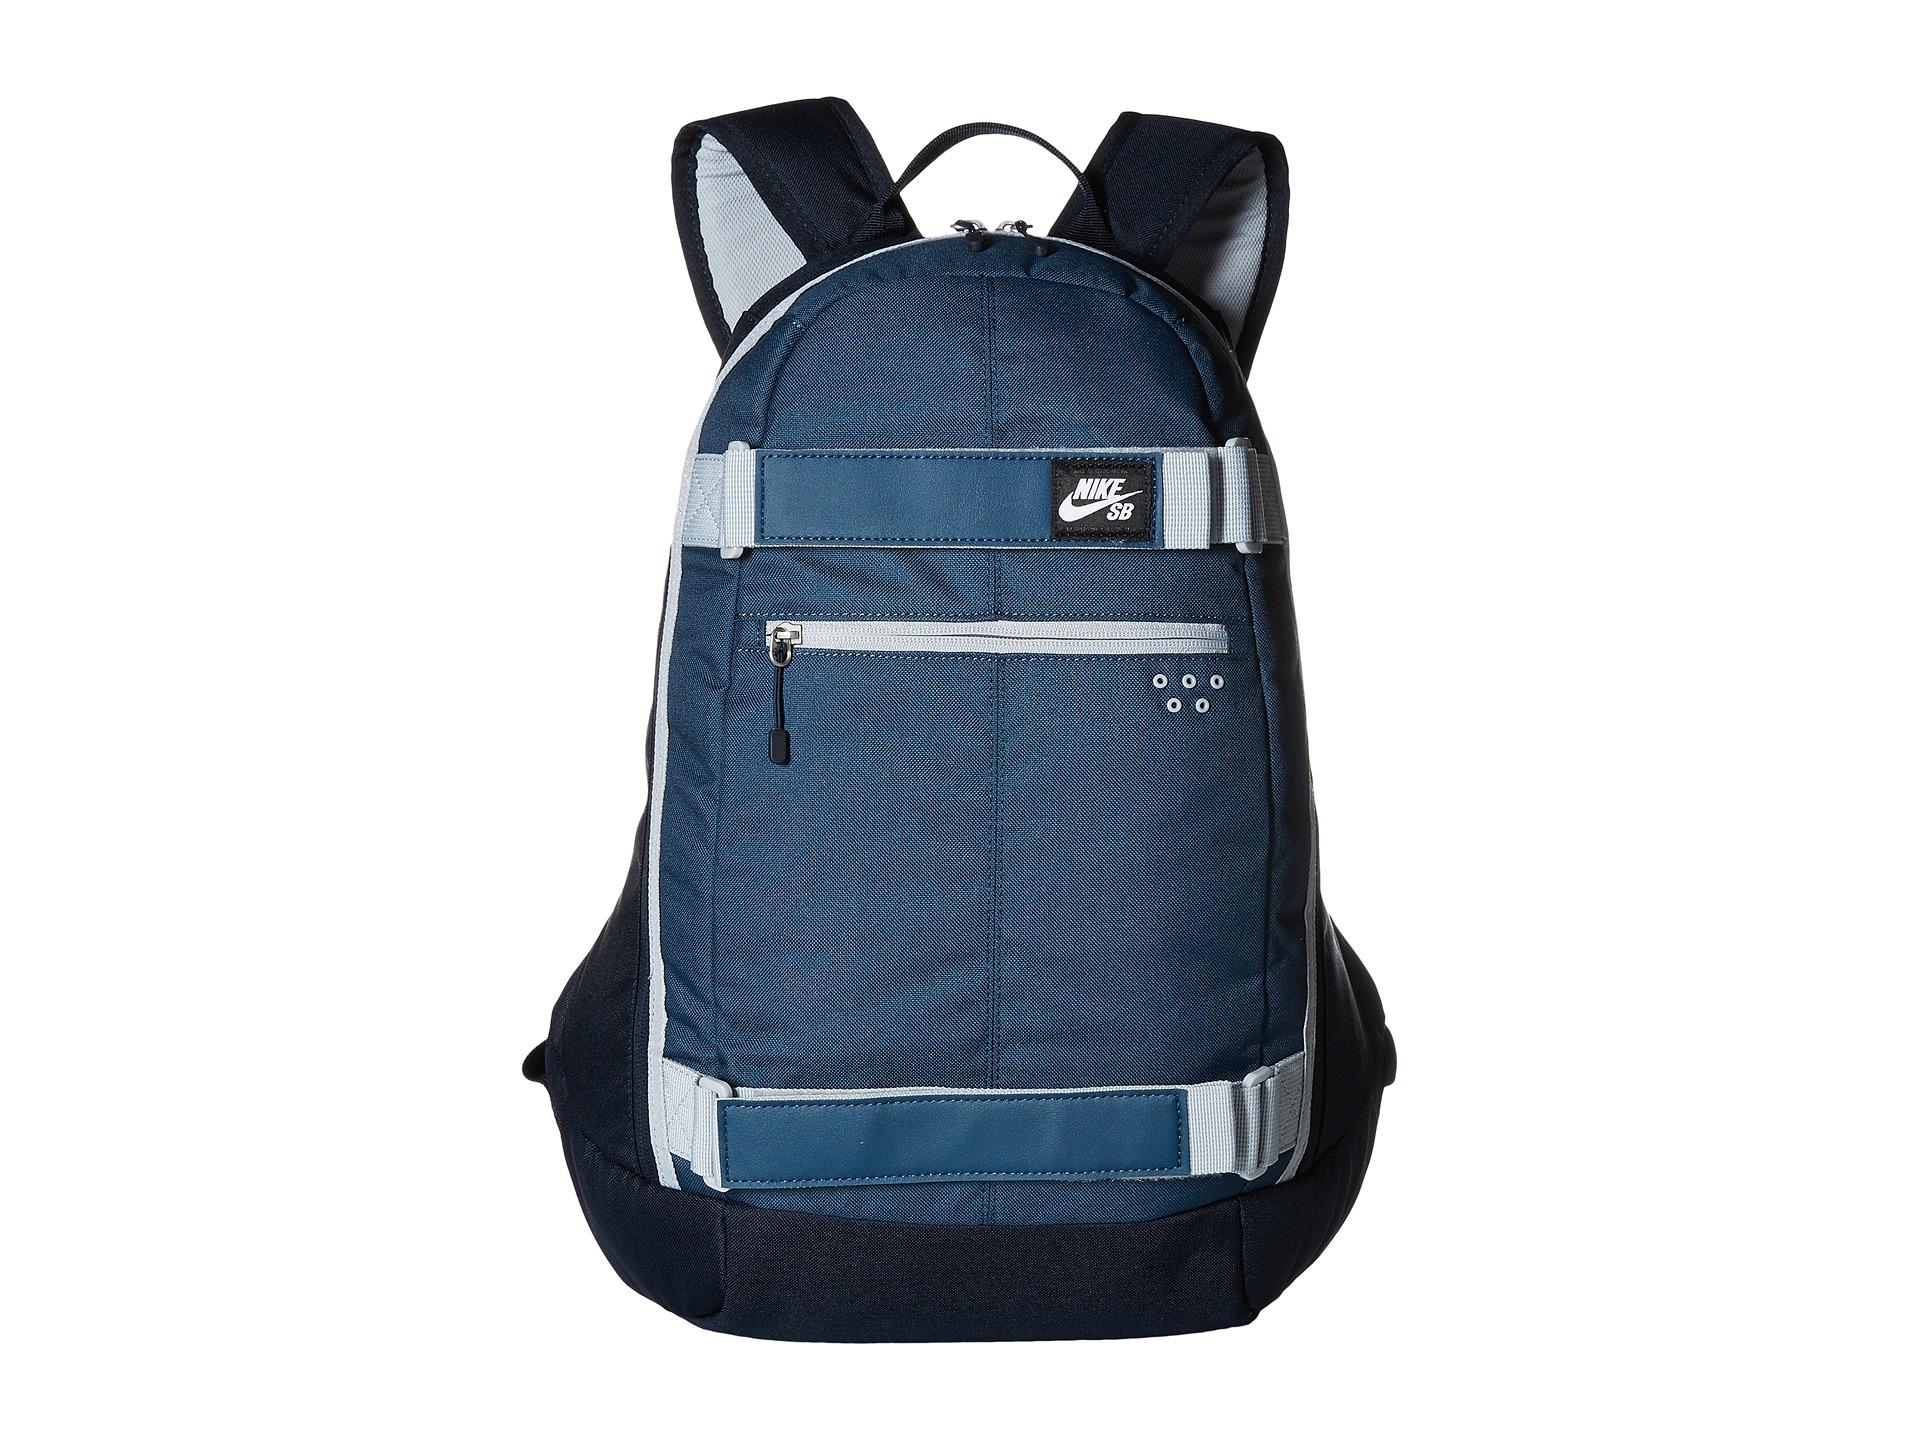 fb48902b39ec Lyst - Nike Embarca Medium Backpack in Blue for Men